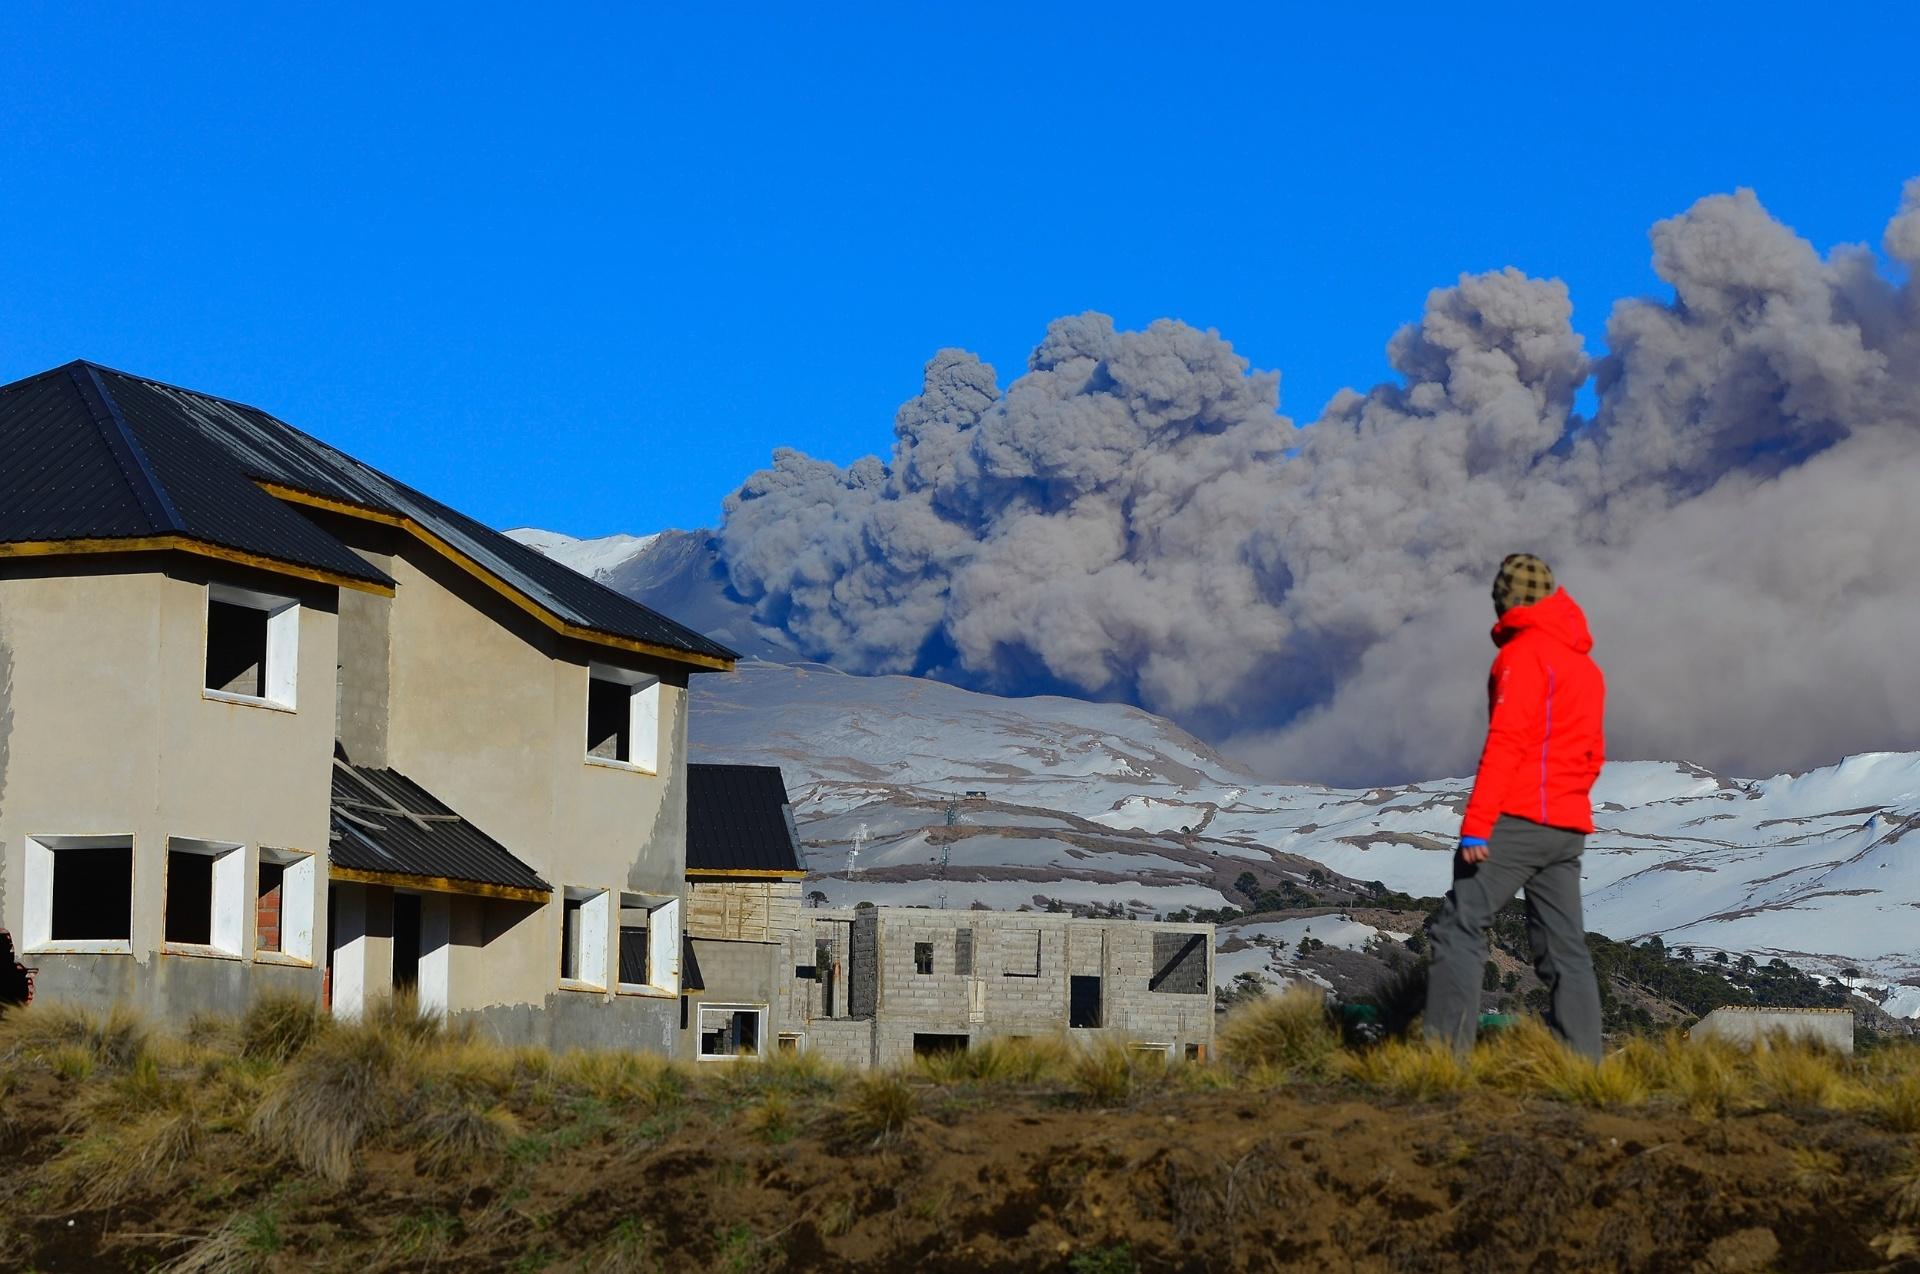 12.out.2014  -Pessoa observa fumaça expelida pela cratera do vulcão Copahue, no Chile.Autoridades do país reforçaram o monitoramento do vulcão, localizado na fronteira com a Argentina, devido ao aumento da atividade - mas a região ainda não precisou ser esvaziada